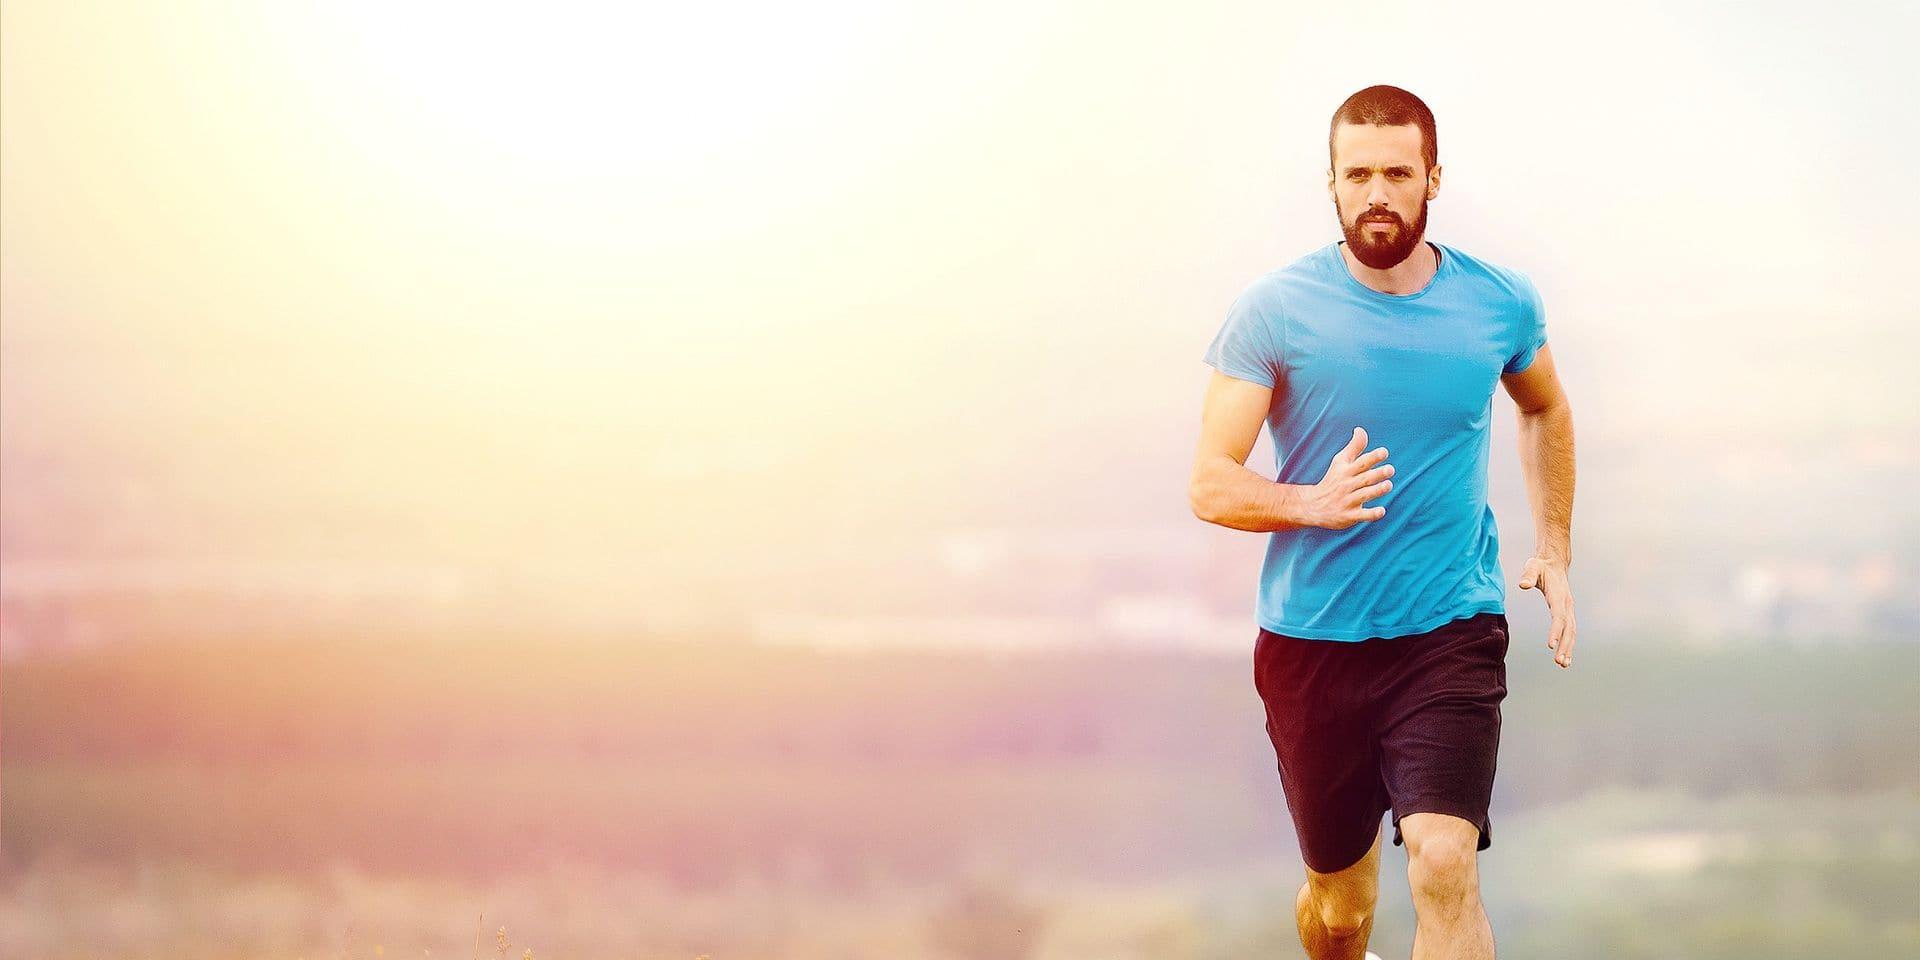 Oublier ses problèmes, être en bonne santé, mener à bien ses objectifs: voici pourquoi nous courons